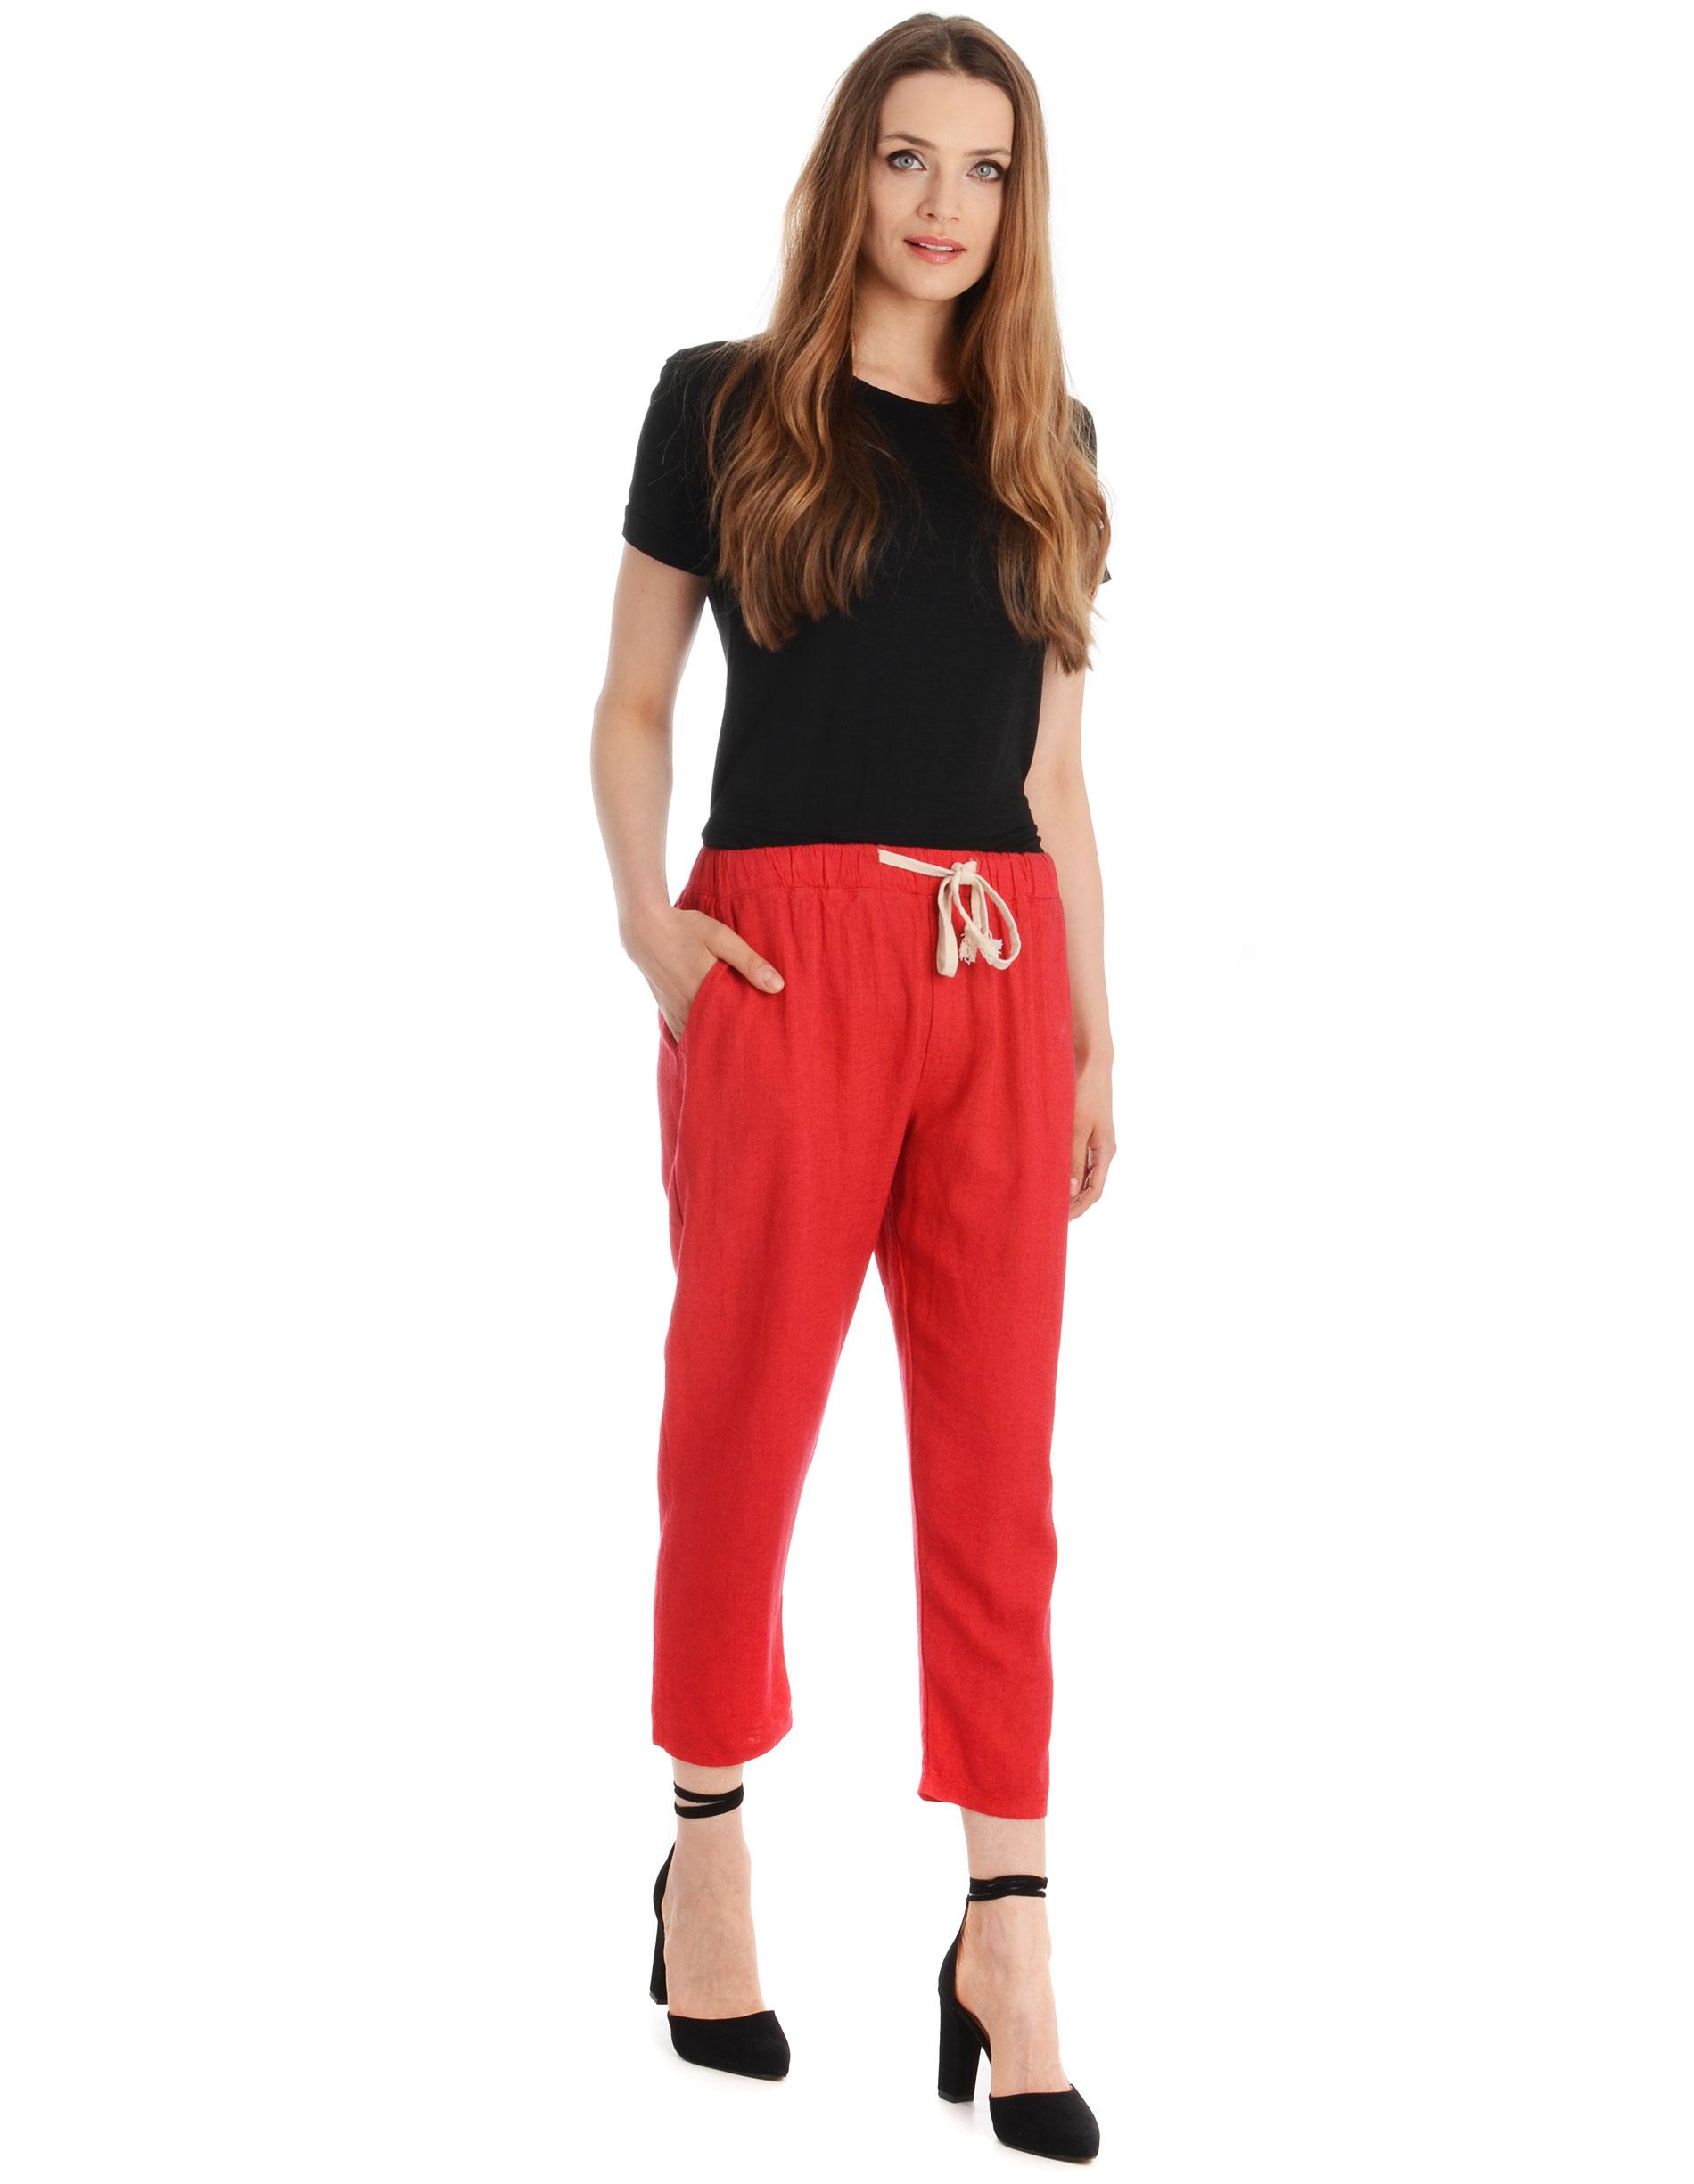 Spodnie - 118-805 ROSSO - Unisono